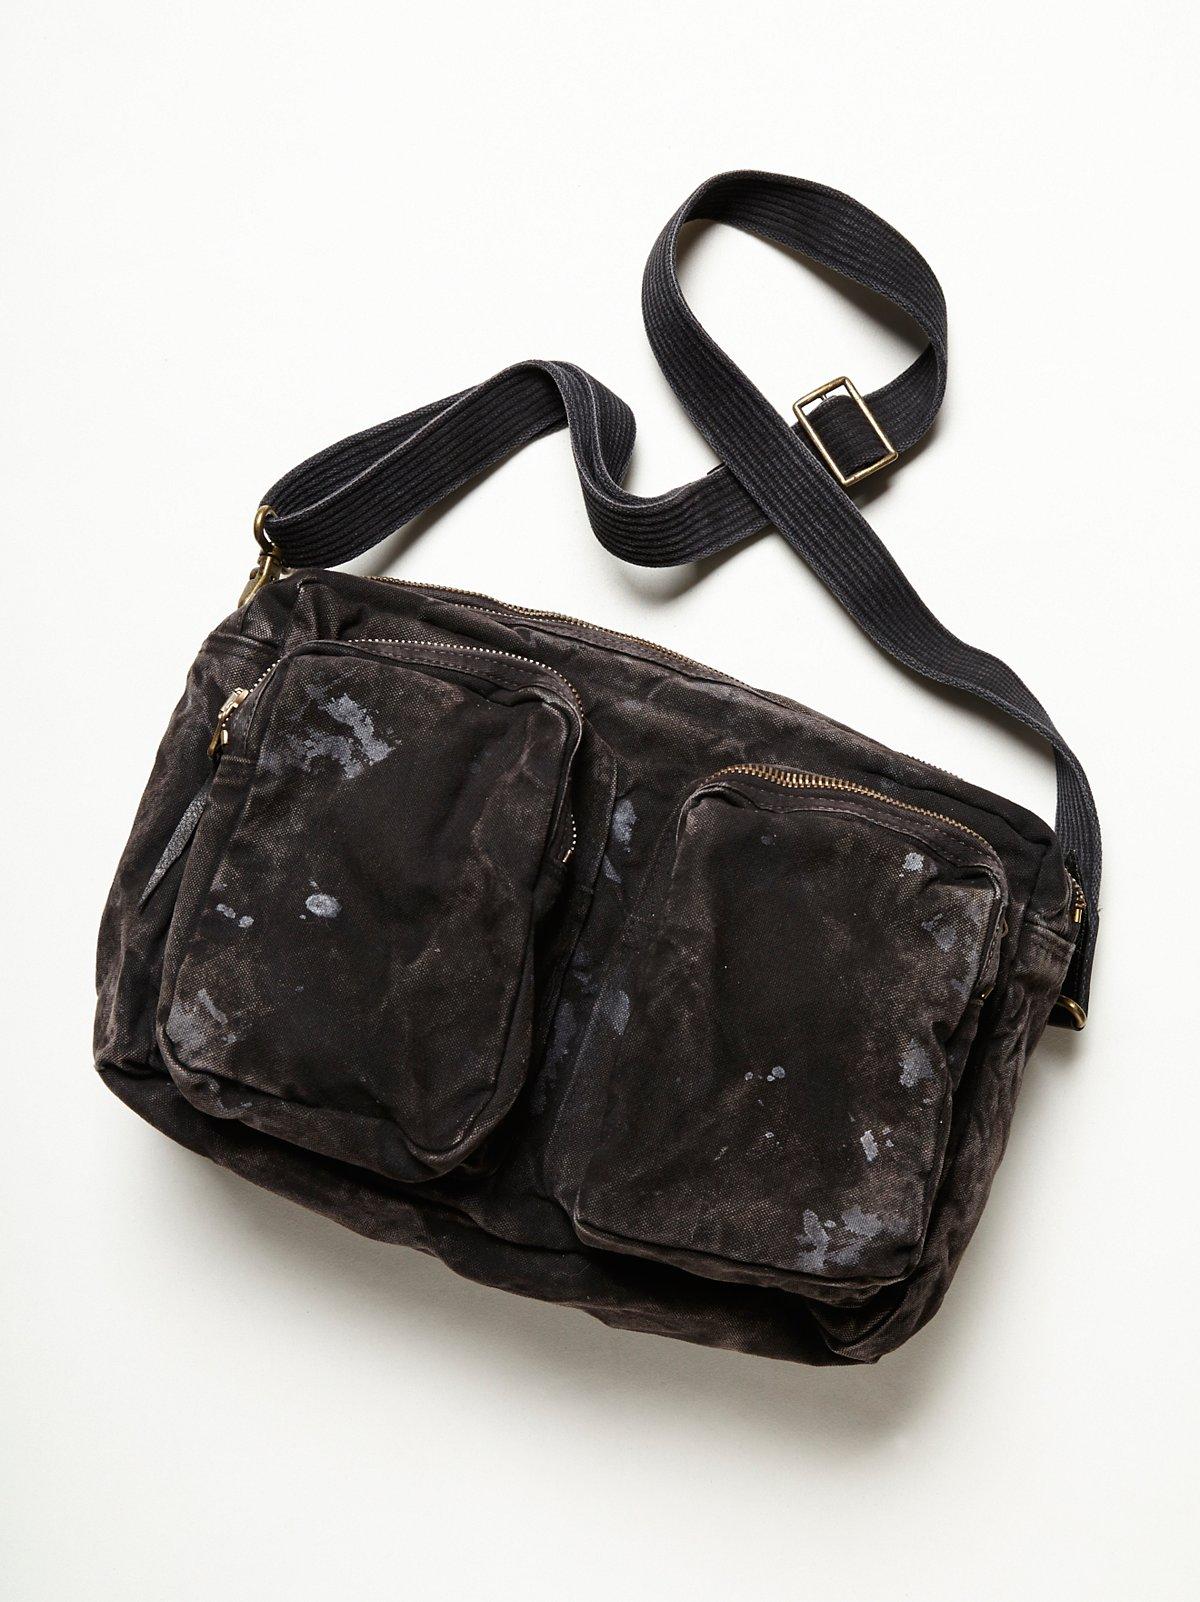 Distressed Camera Bag